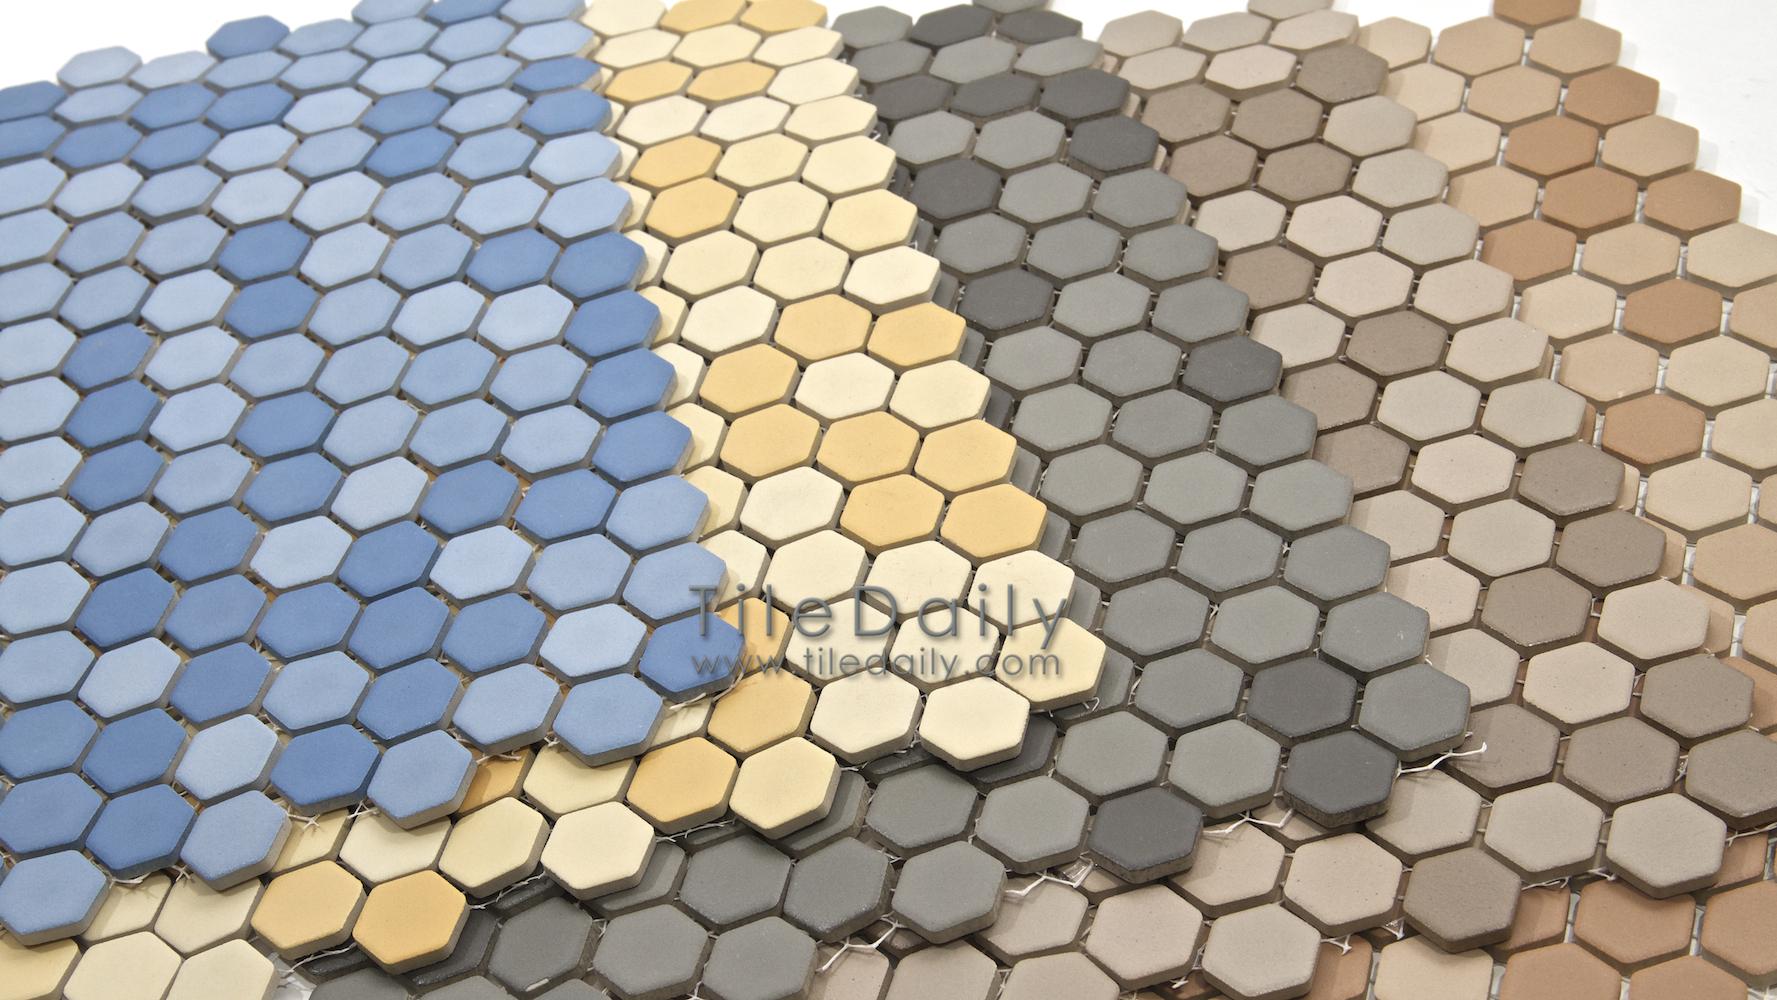 porcelain mosaic tiledaily. Black Bedroom Furniture Sets. Home Design Ideas